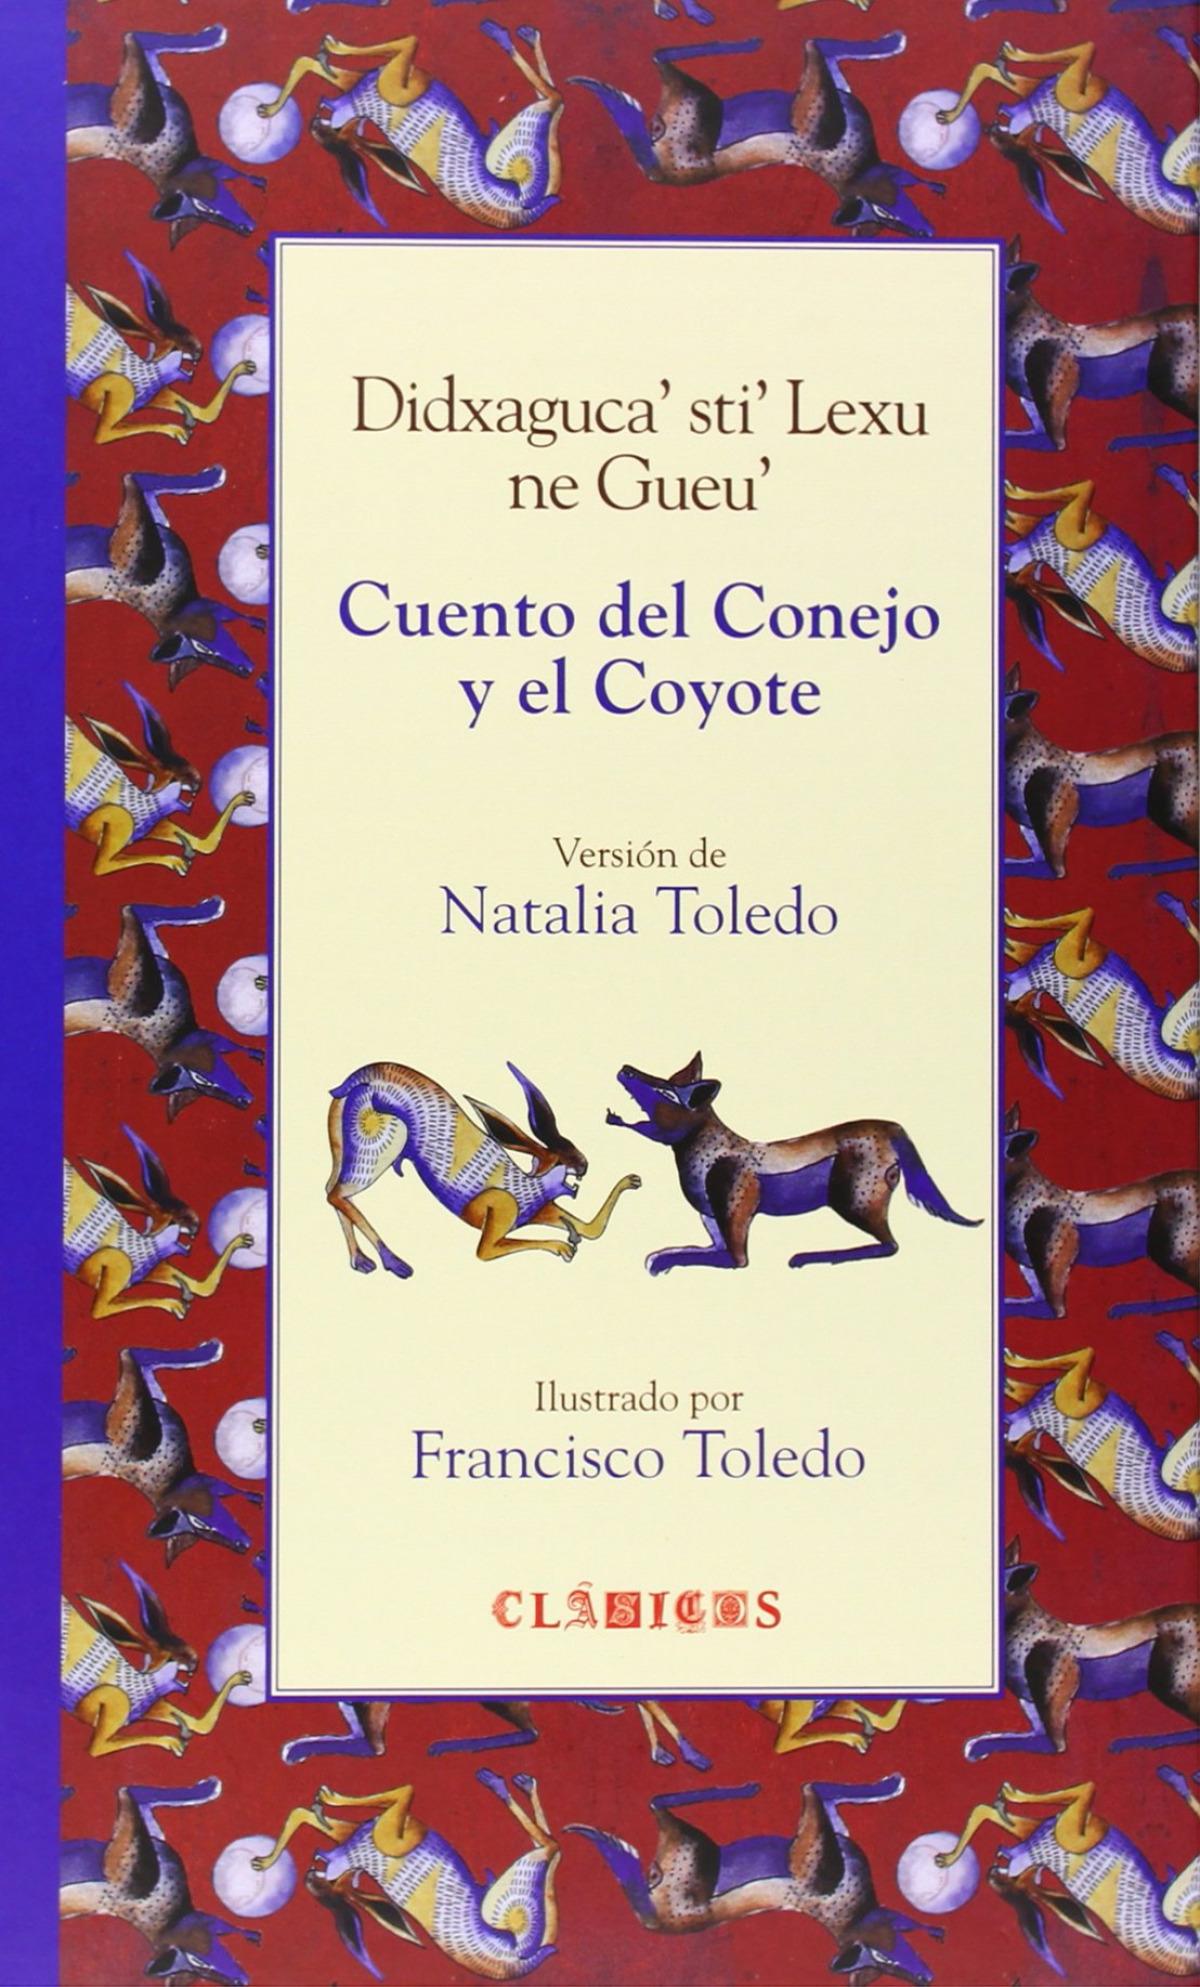 Cuento del Conejo y el Coyote / DidxagucaÆstiÆ Lexu ne GueuÆ